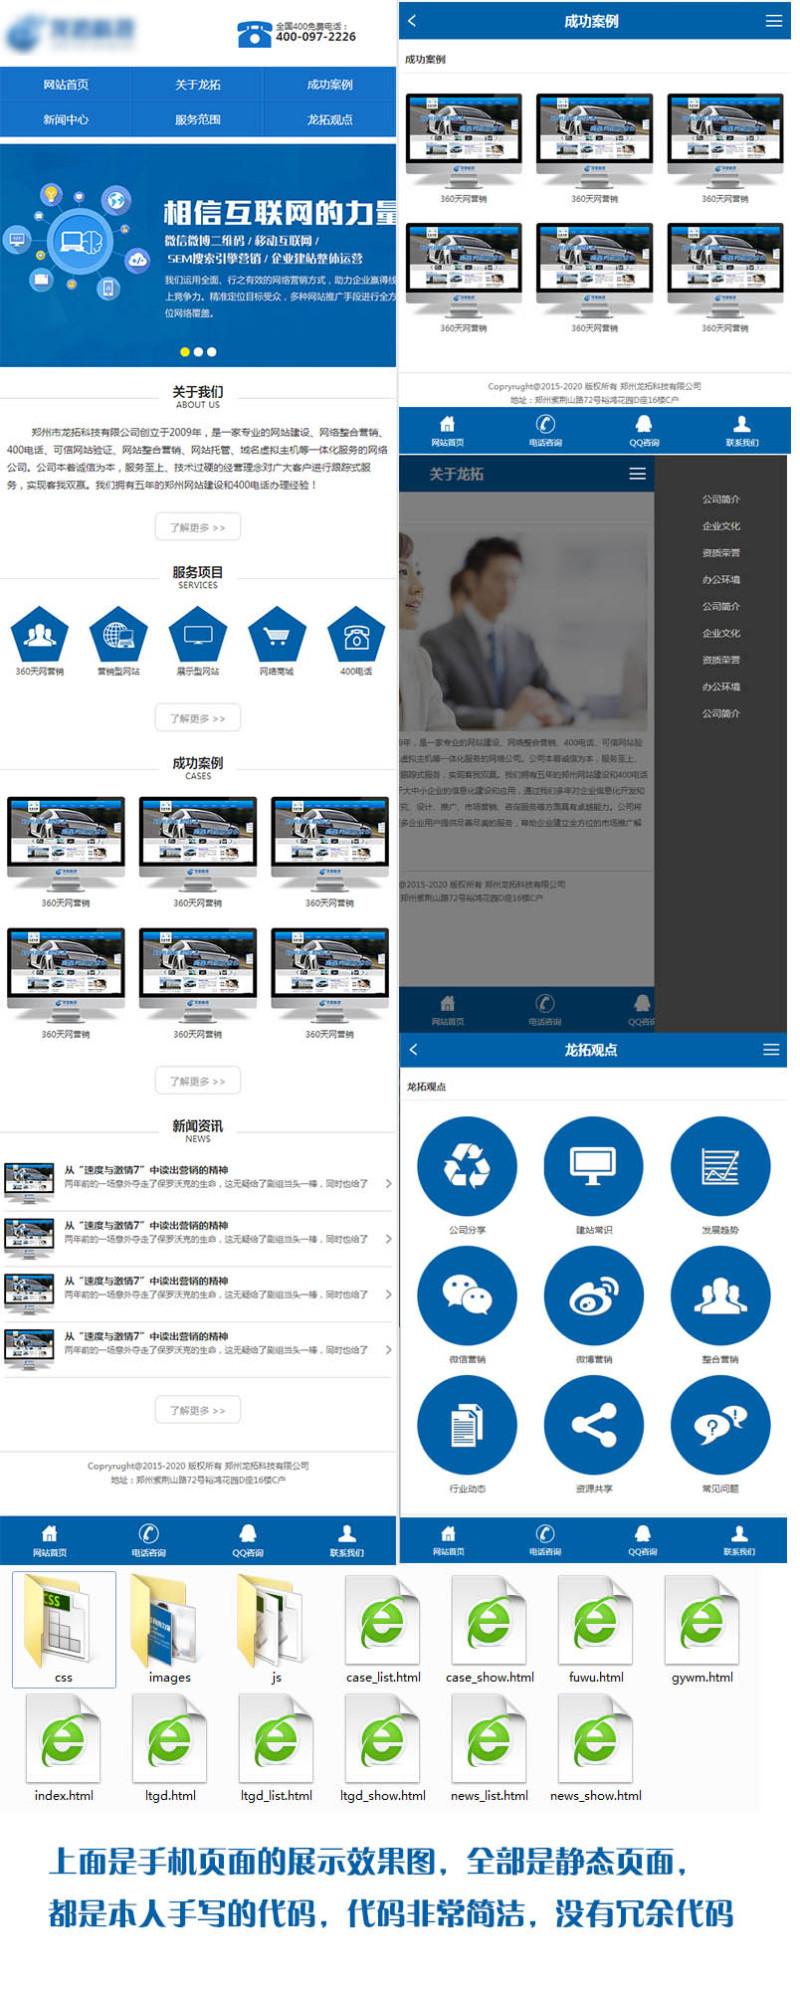 蓝色网络公司手机静态页面wap模板